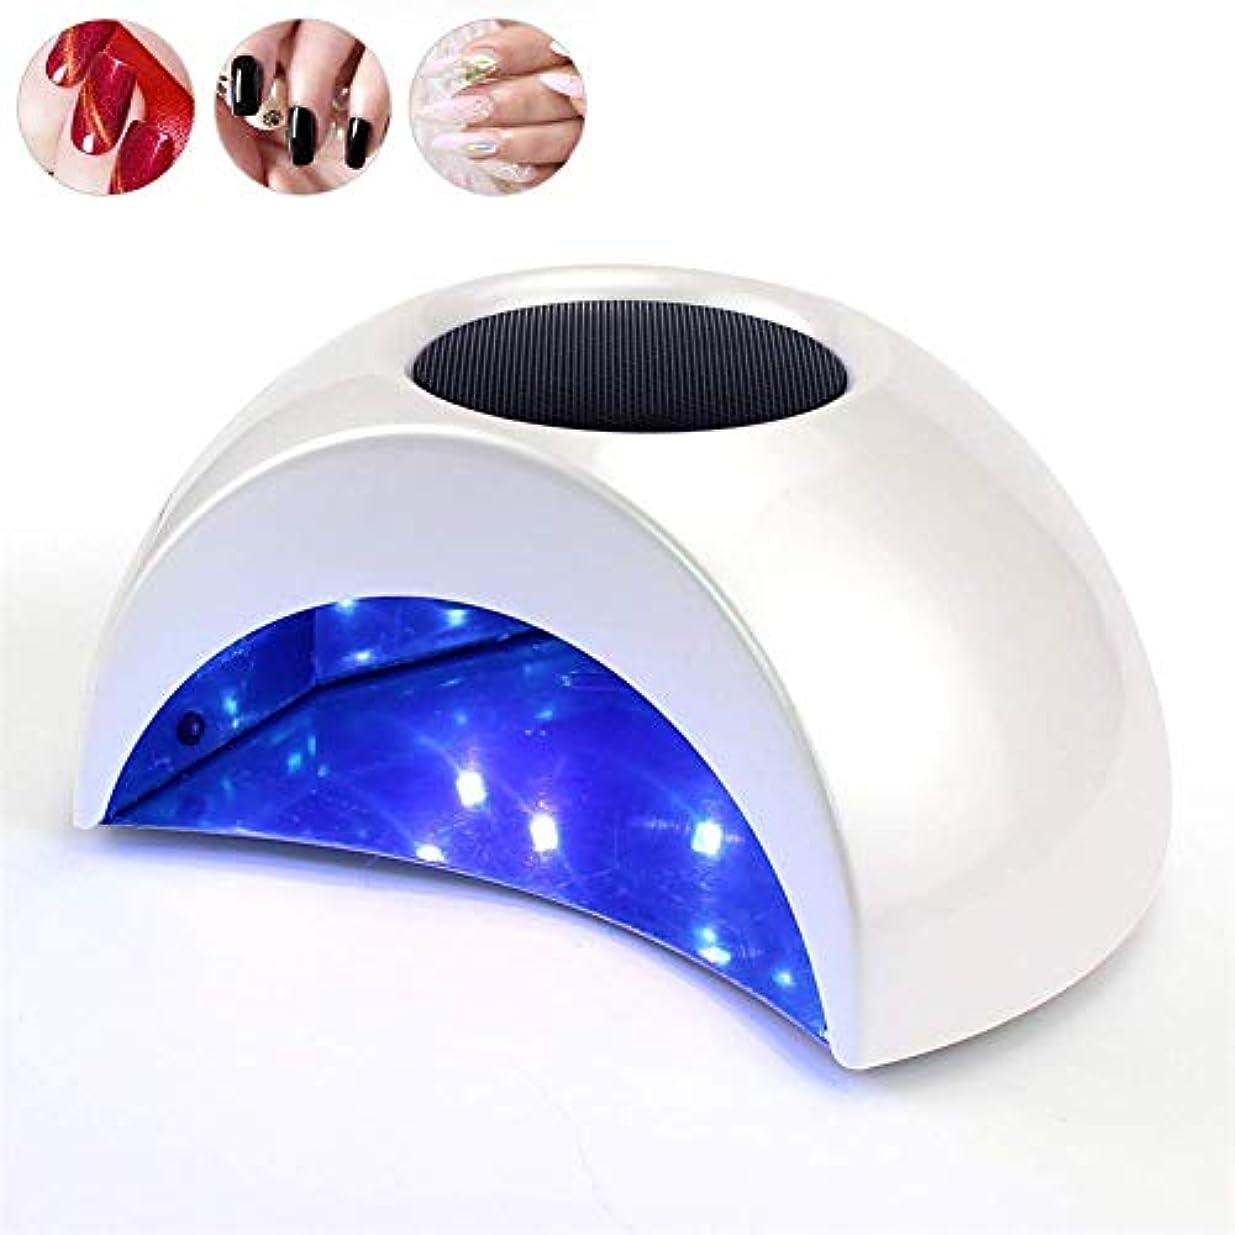 炭水化物湿原ワイド爪のための36WランプUV LEDプロフェッショナルネイルドライヤー付き空気清浄光療法マニキュアランプ用ゲルポリッシュ機器